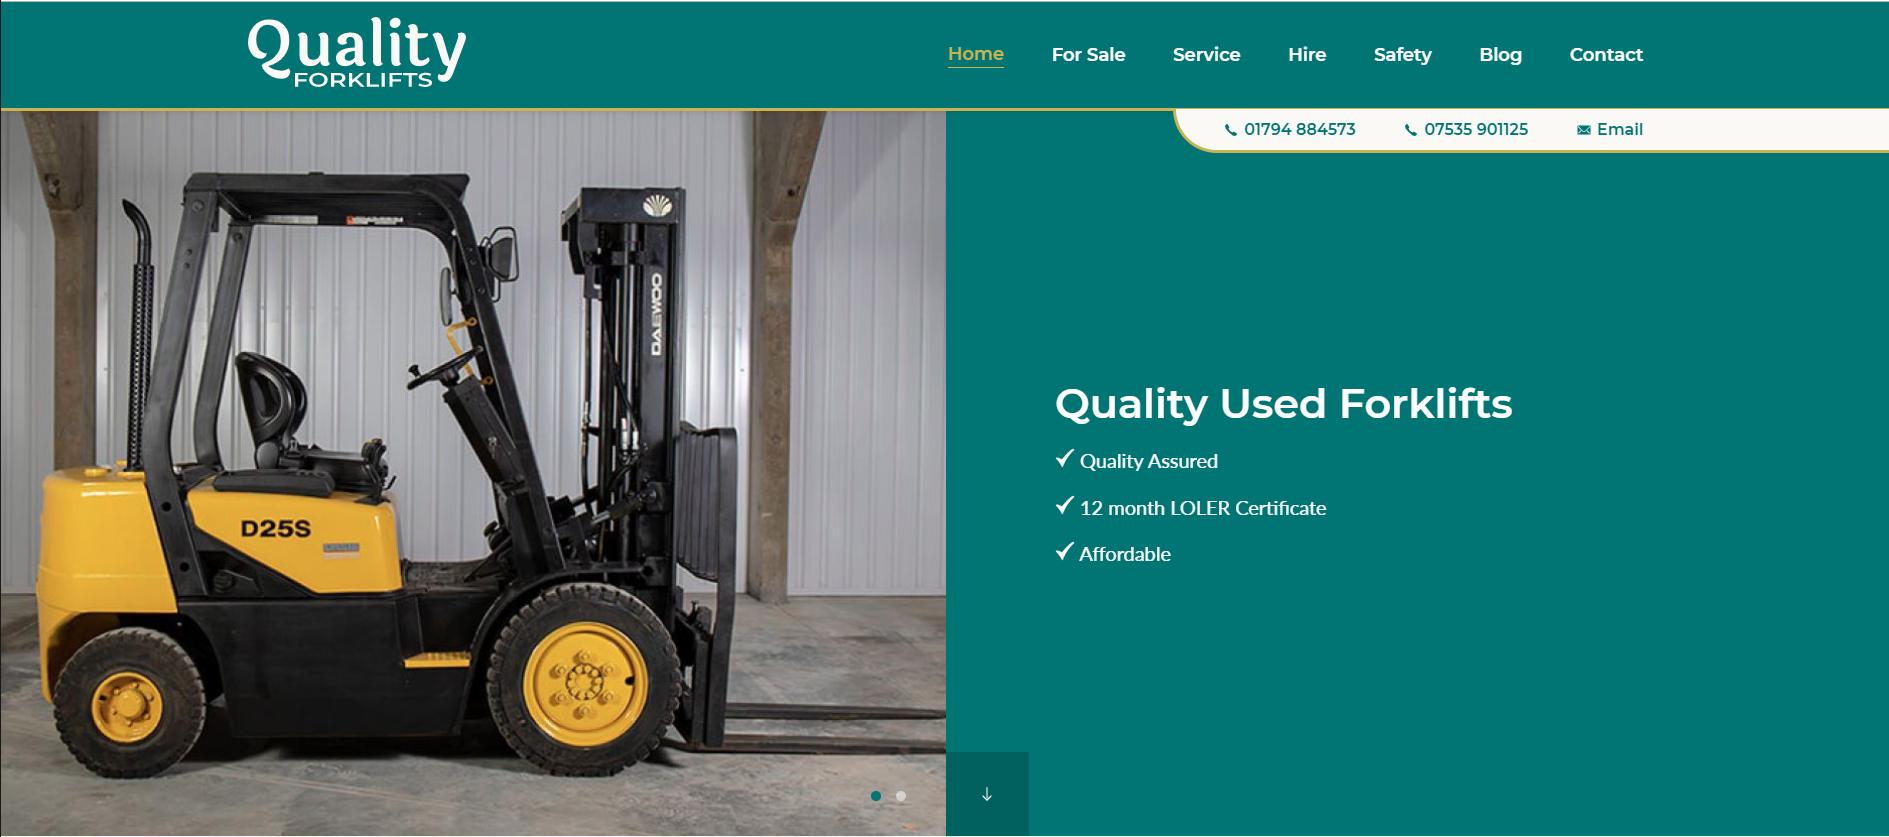 Quality forklifts website header.